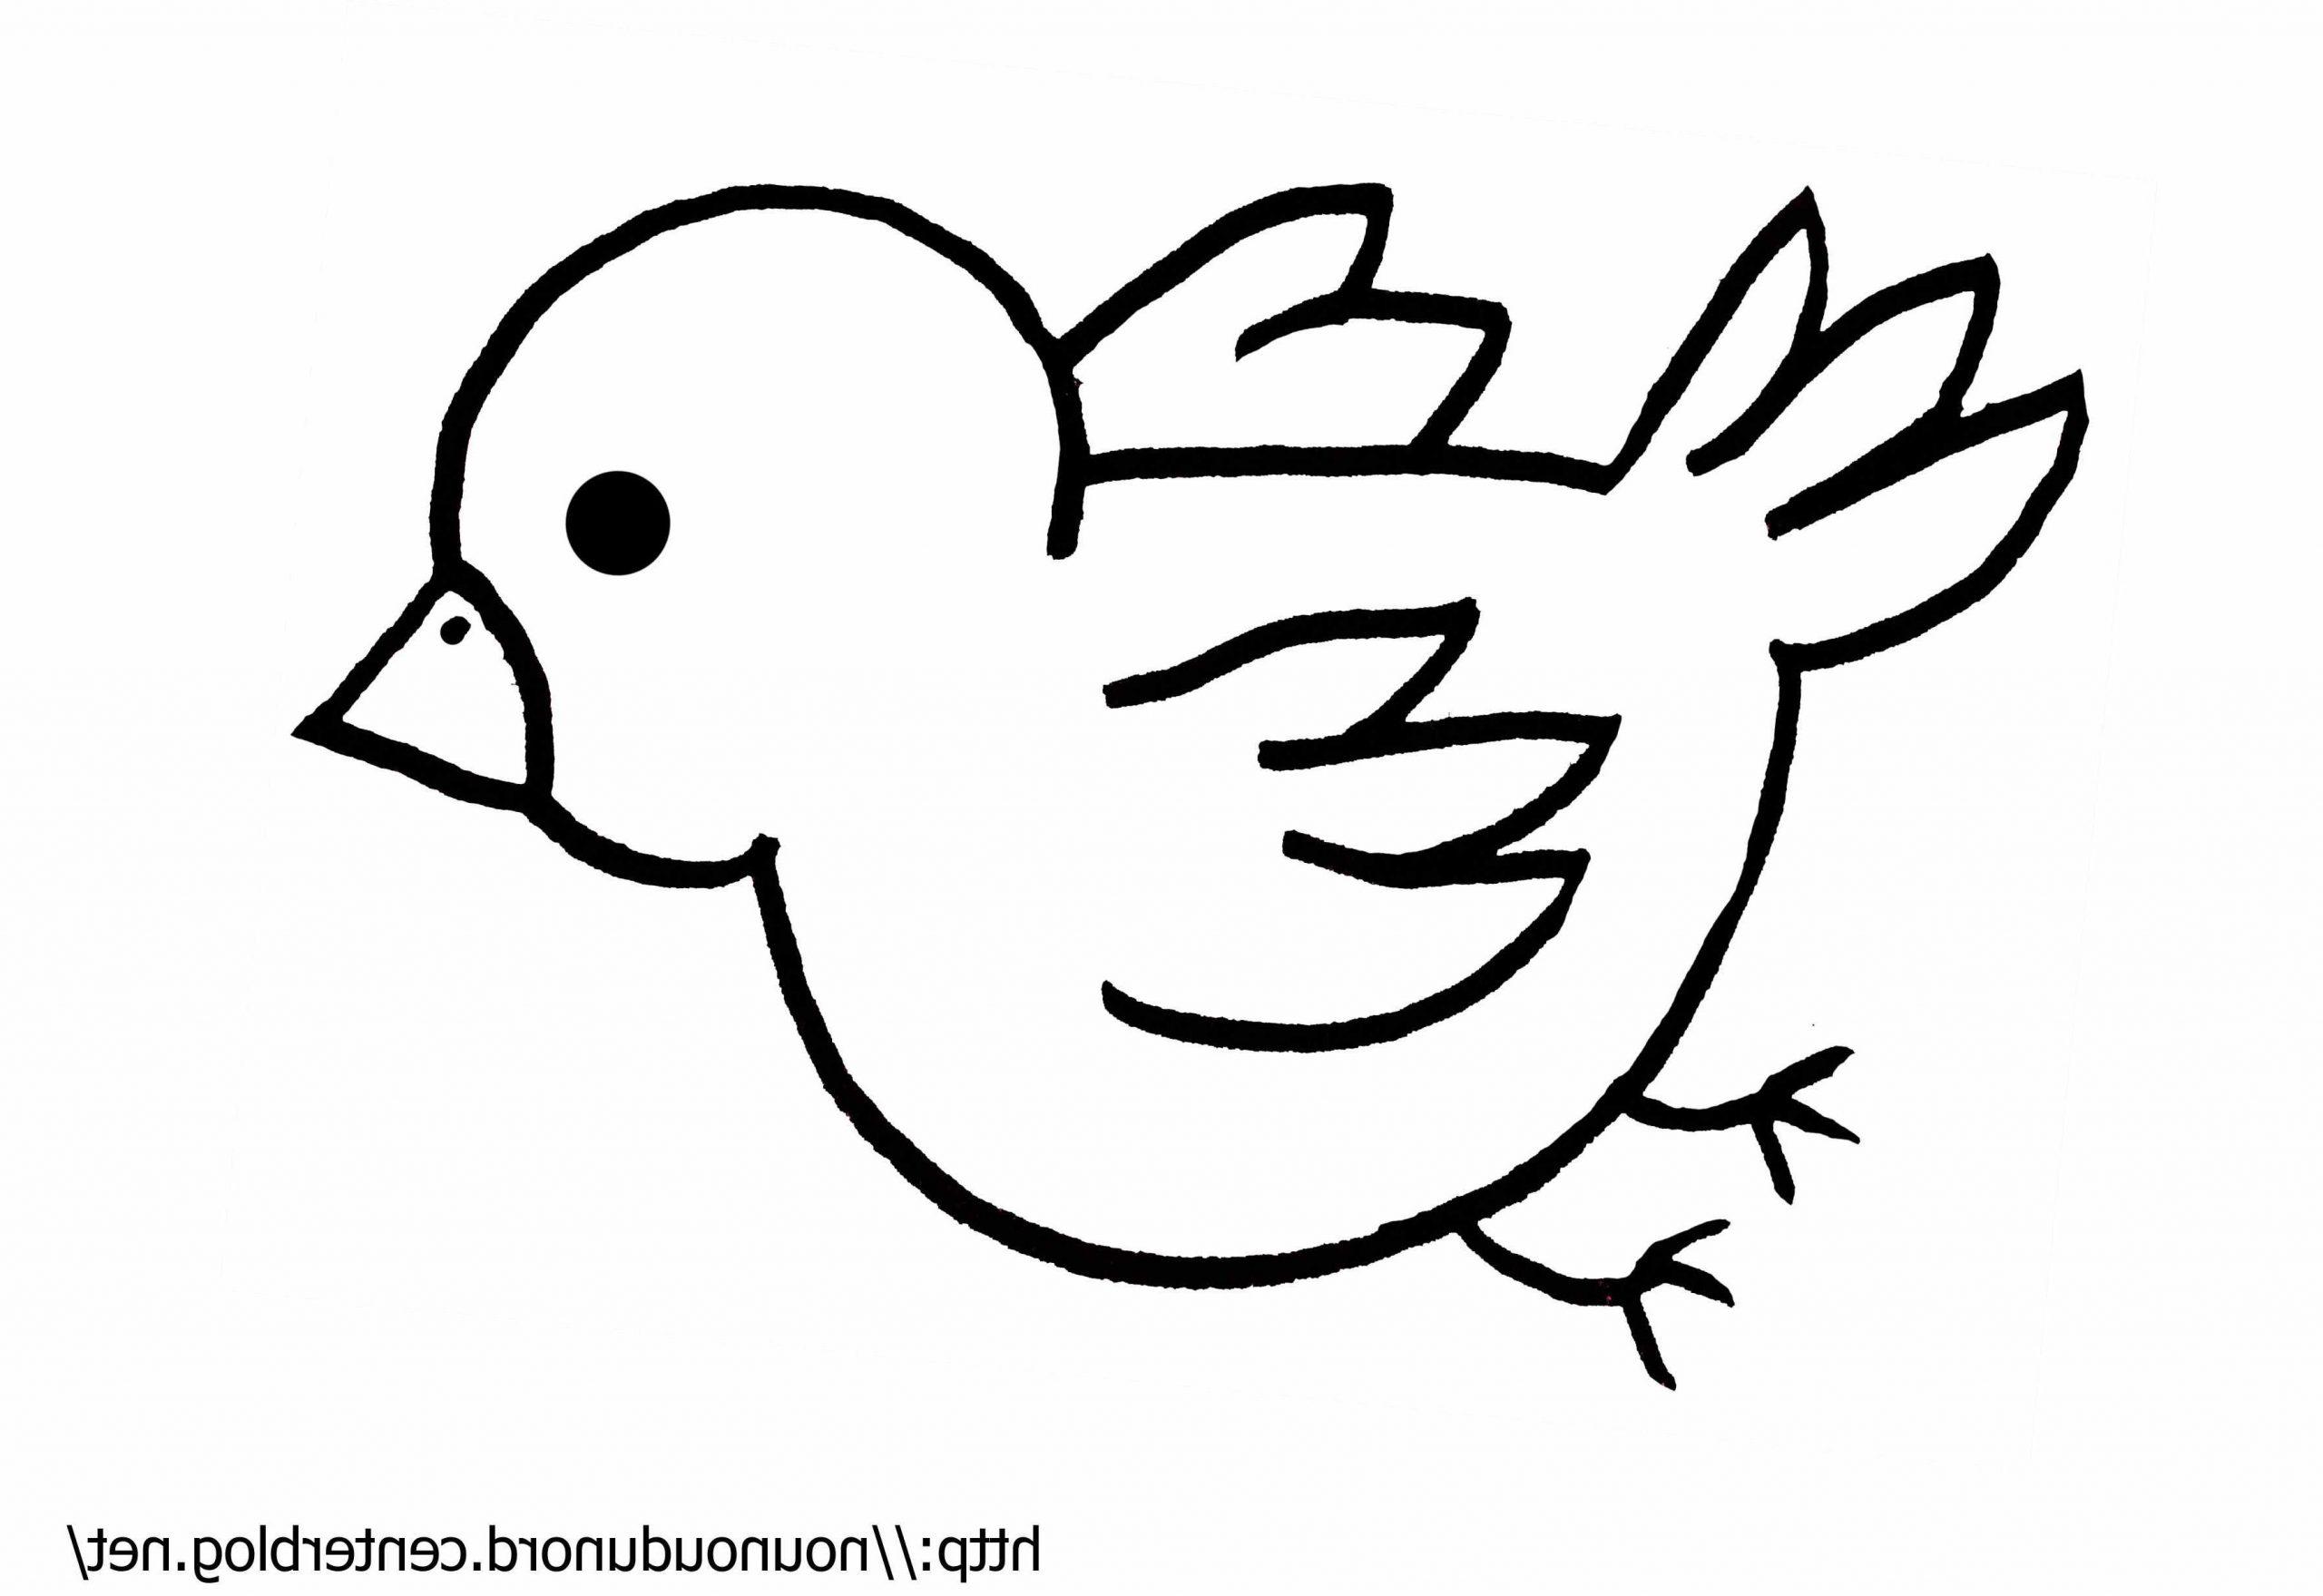 Dessin D Oiseau Simple | Dessin Oiseau, Dessin, Dessin à Dessin D Oiseau Simple